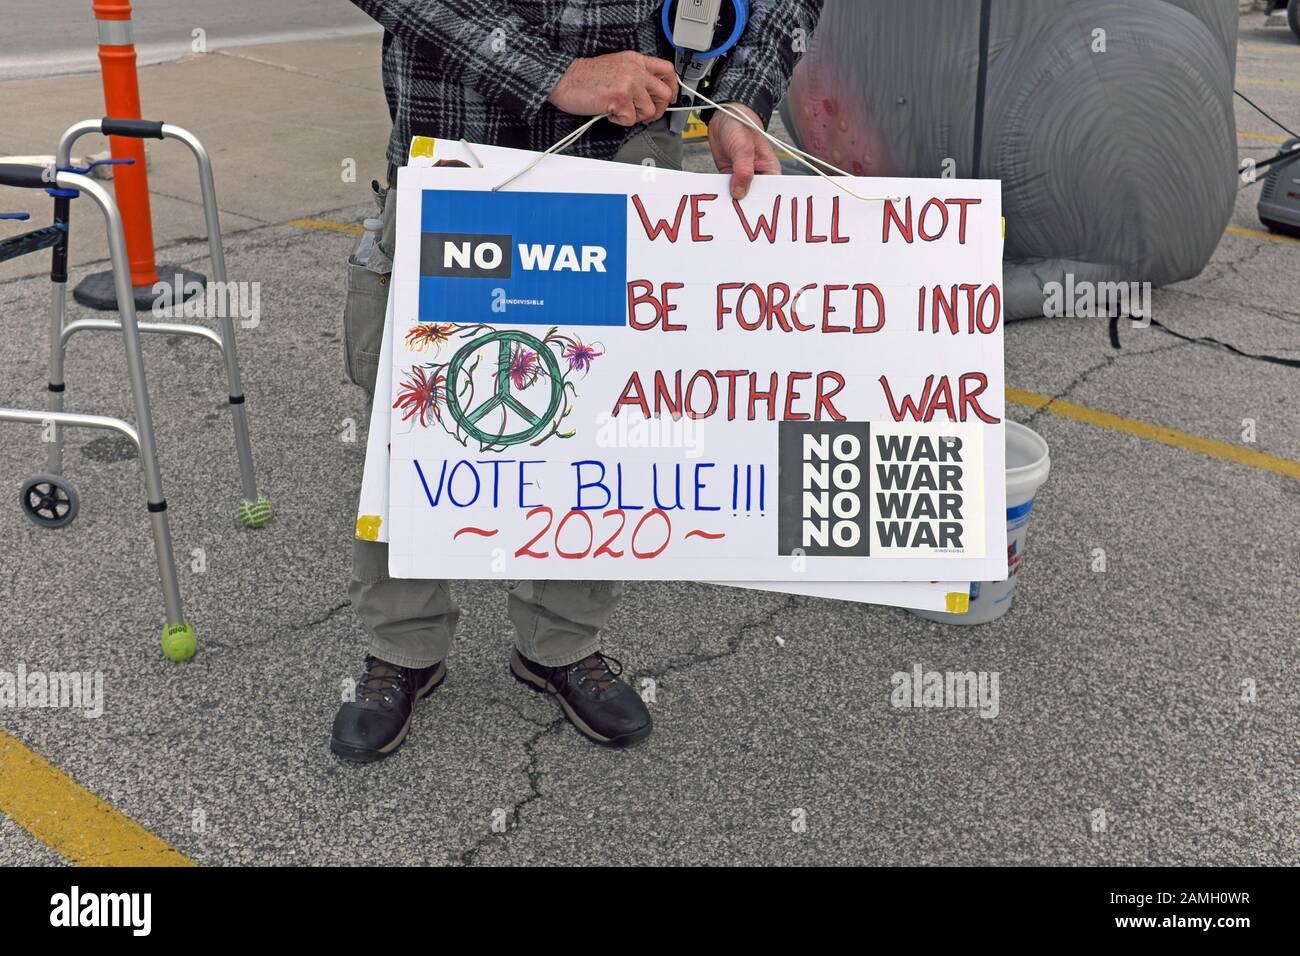 """Un anti-GOP street manifestant est titulaire d'un """"pas de guerre"""" en réponse à l'attaque de l'Iran. """"Nous ne seront pas contraints à une autre guerre vote Blue 2020"""" Banque D'Images"""